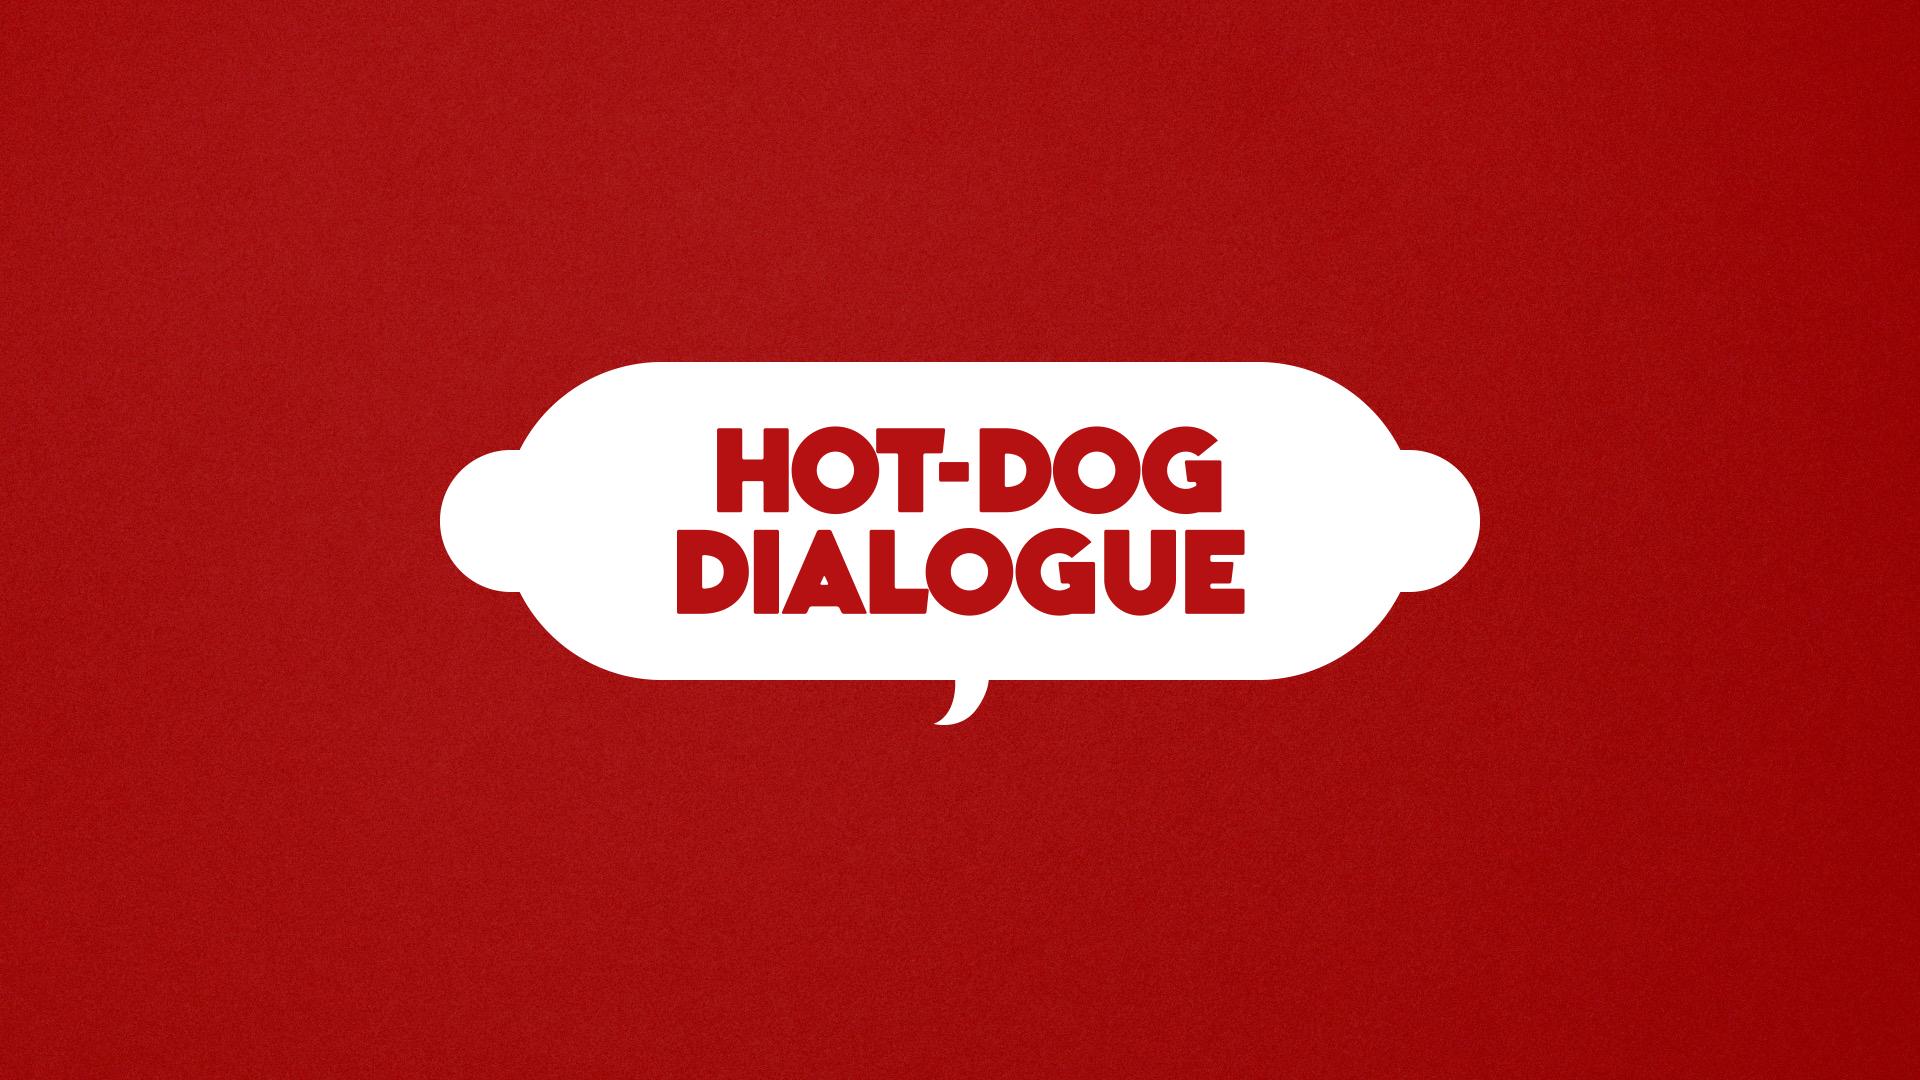 Hot-dog dialogue lg2